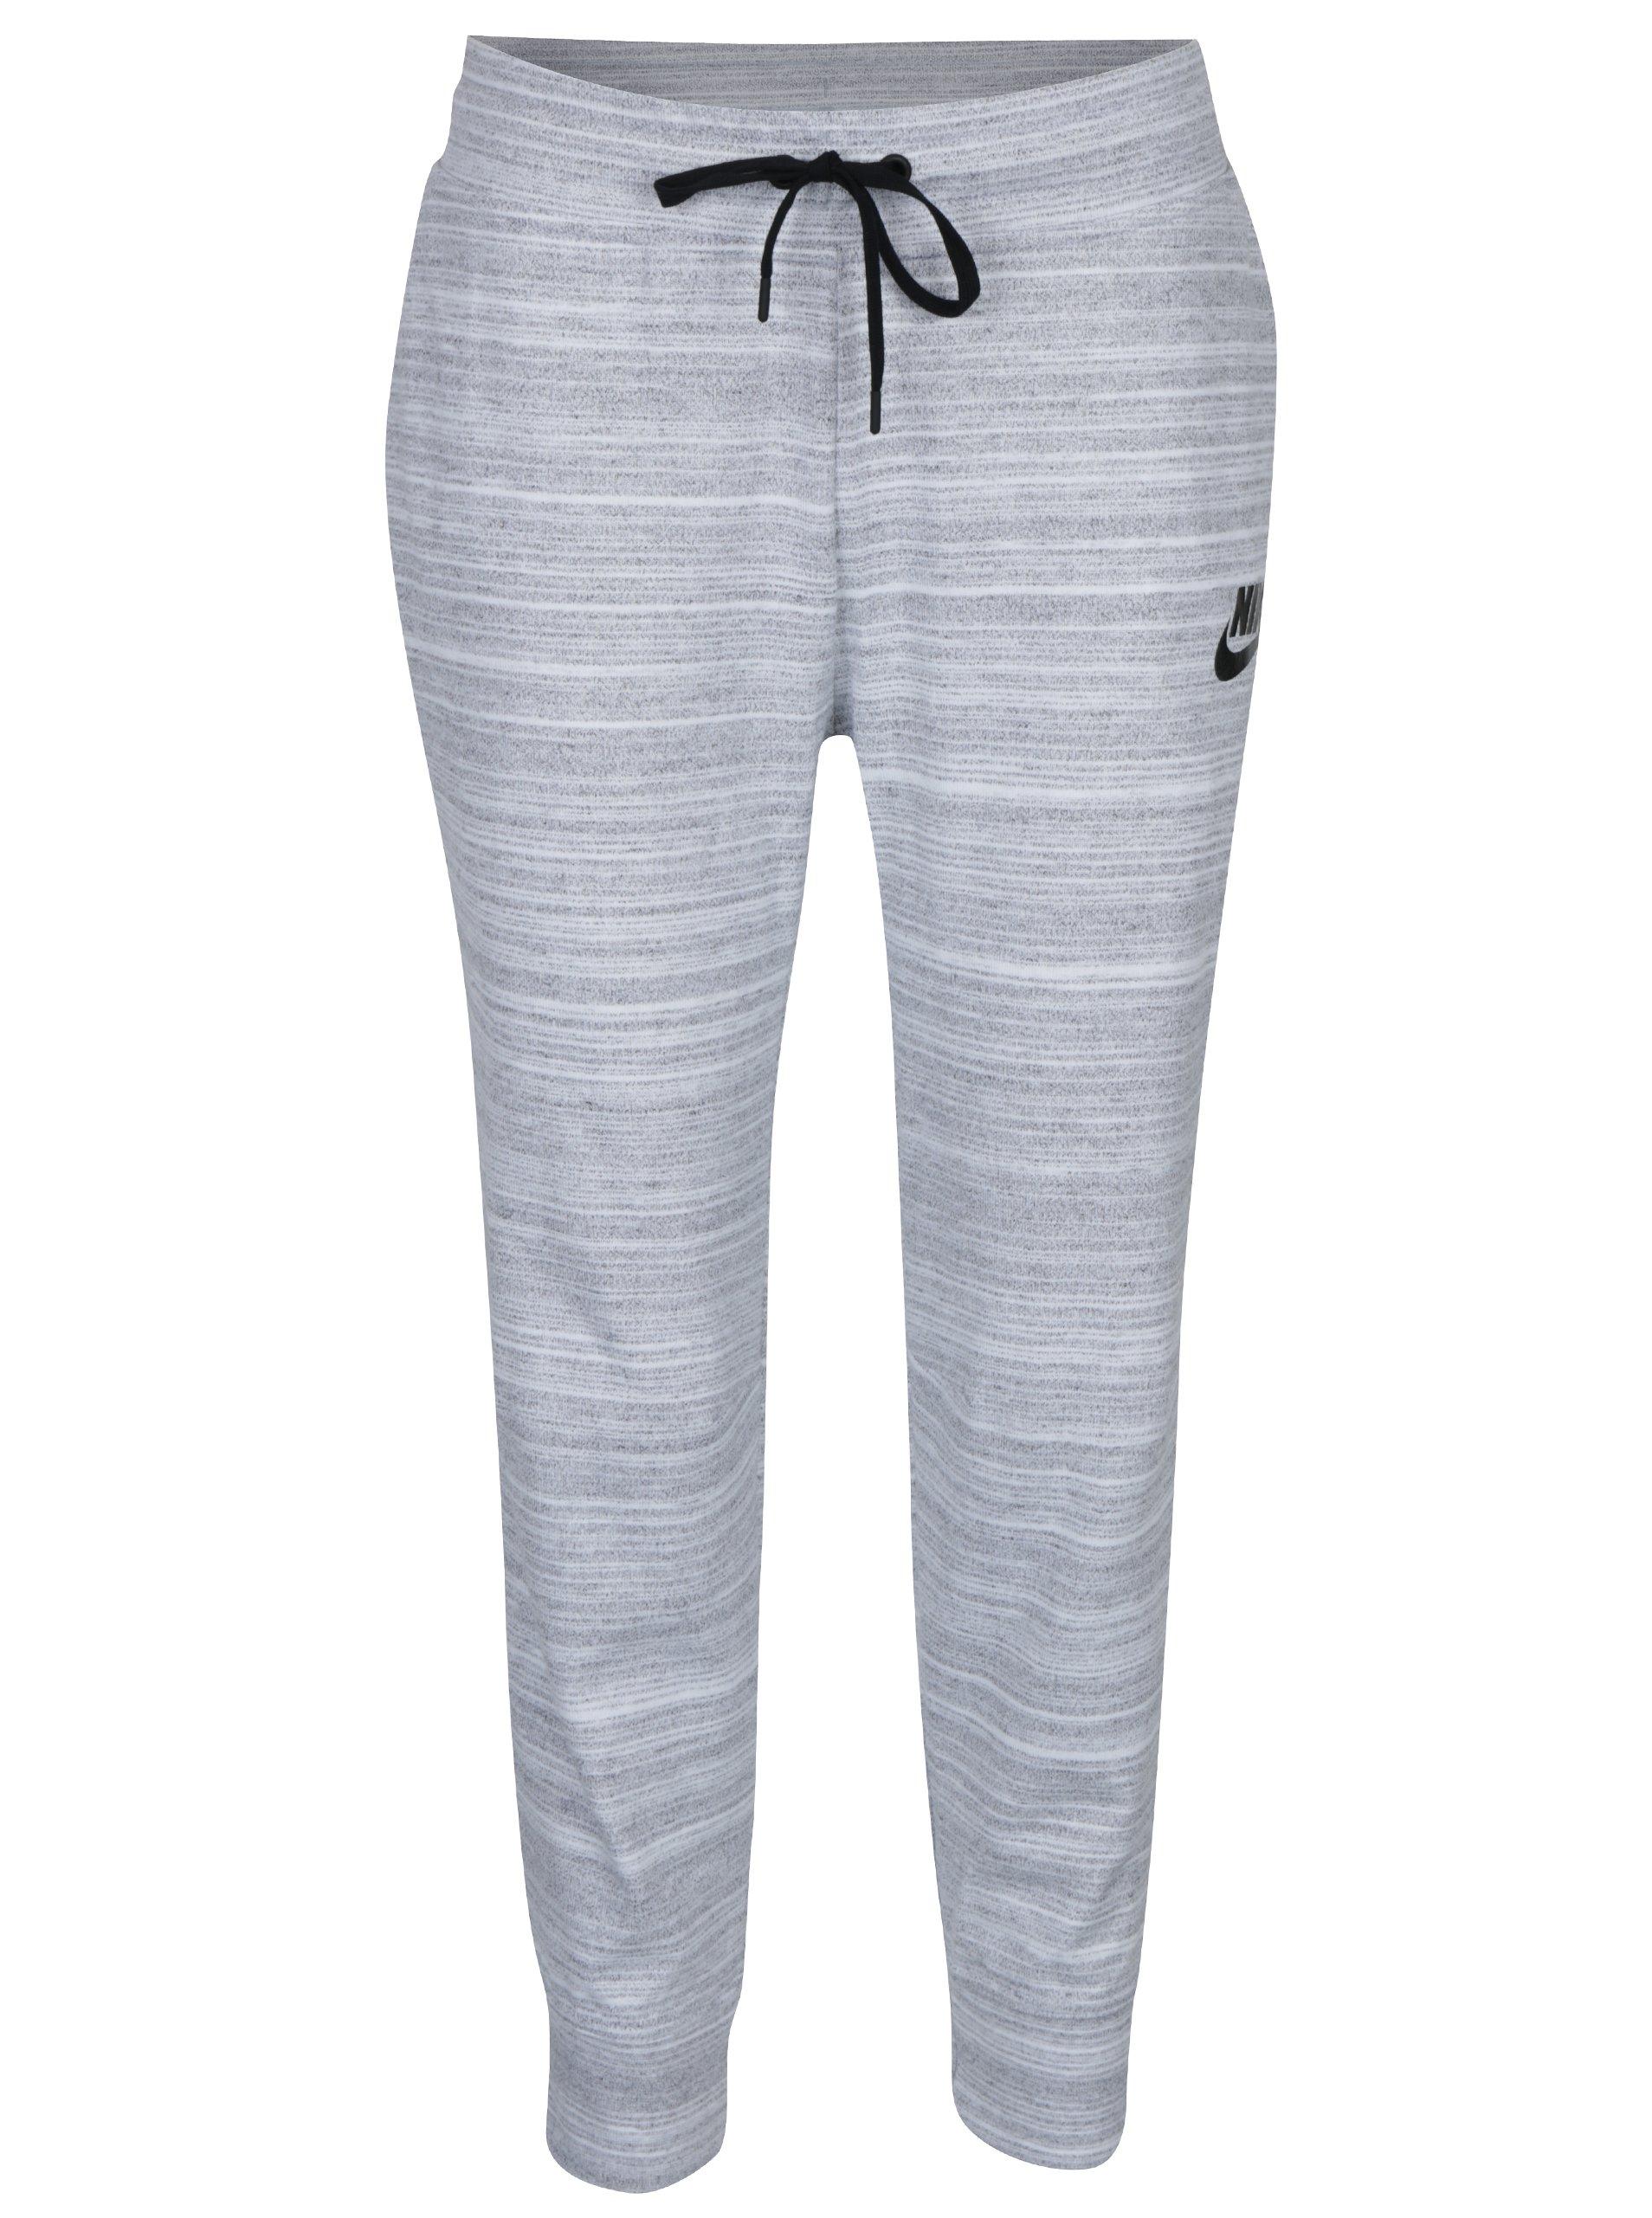 b156e3315d883 Svetlosivé dámske melírované tepláky Nike Sportswear Advance 15 ...